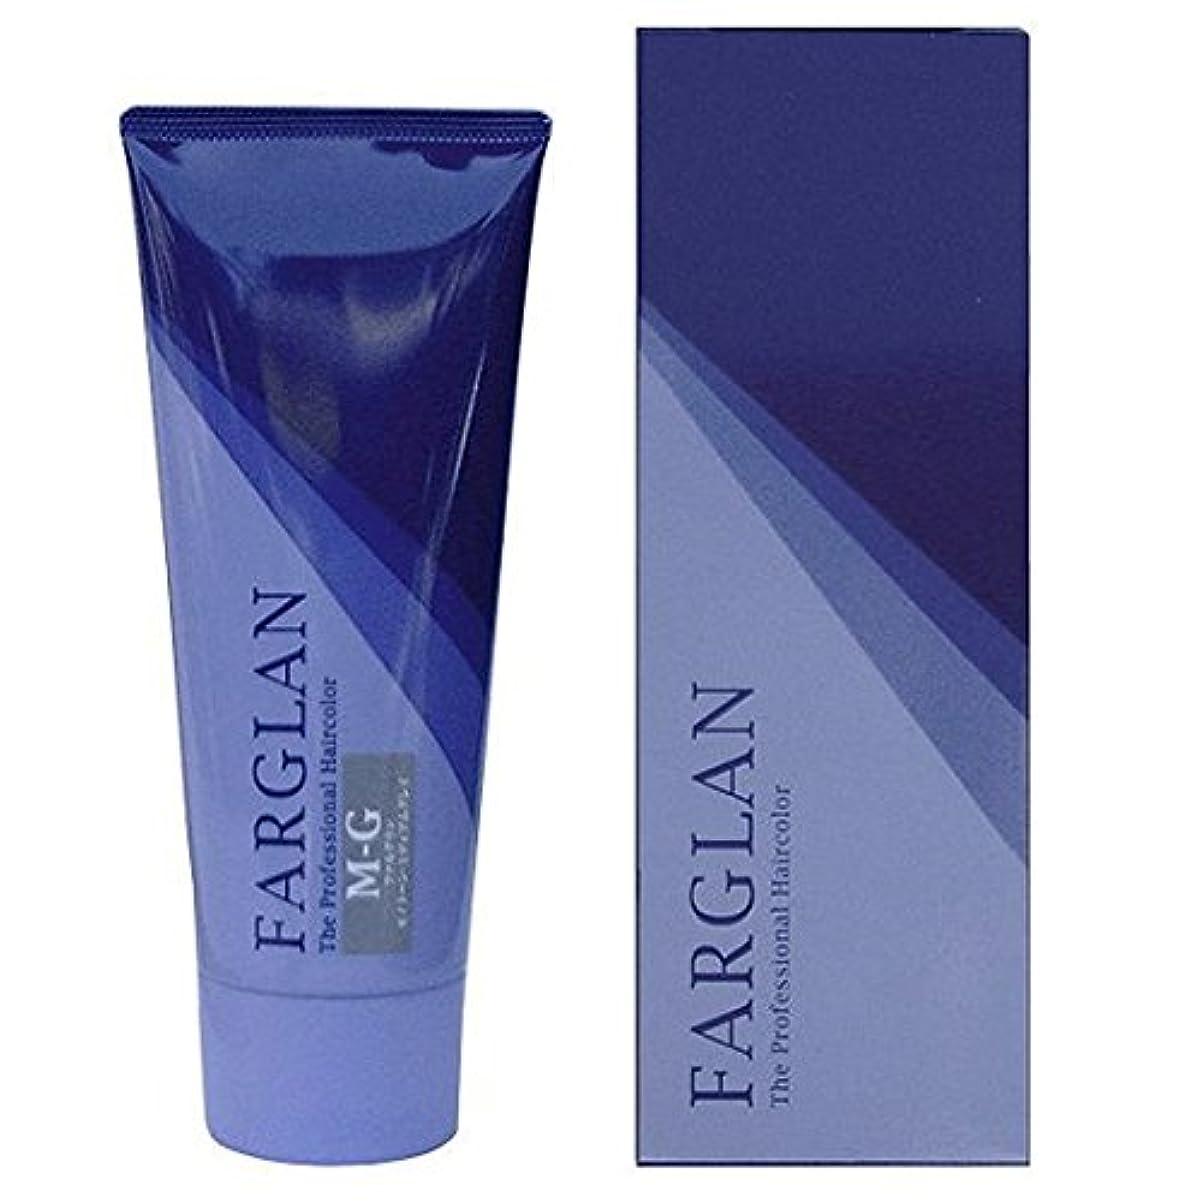 FARGLAN(ファルグラン) ヘアカラー L-G(LIGHTGRAY) 160g